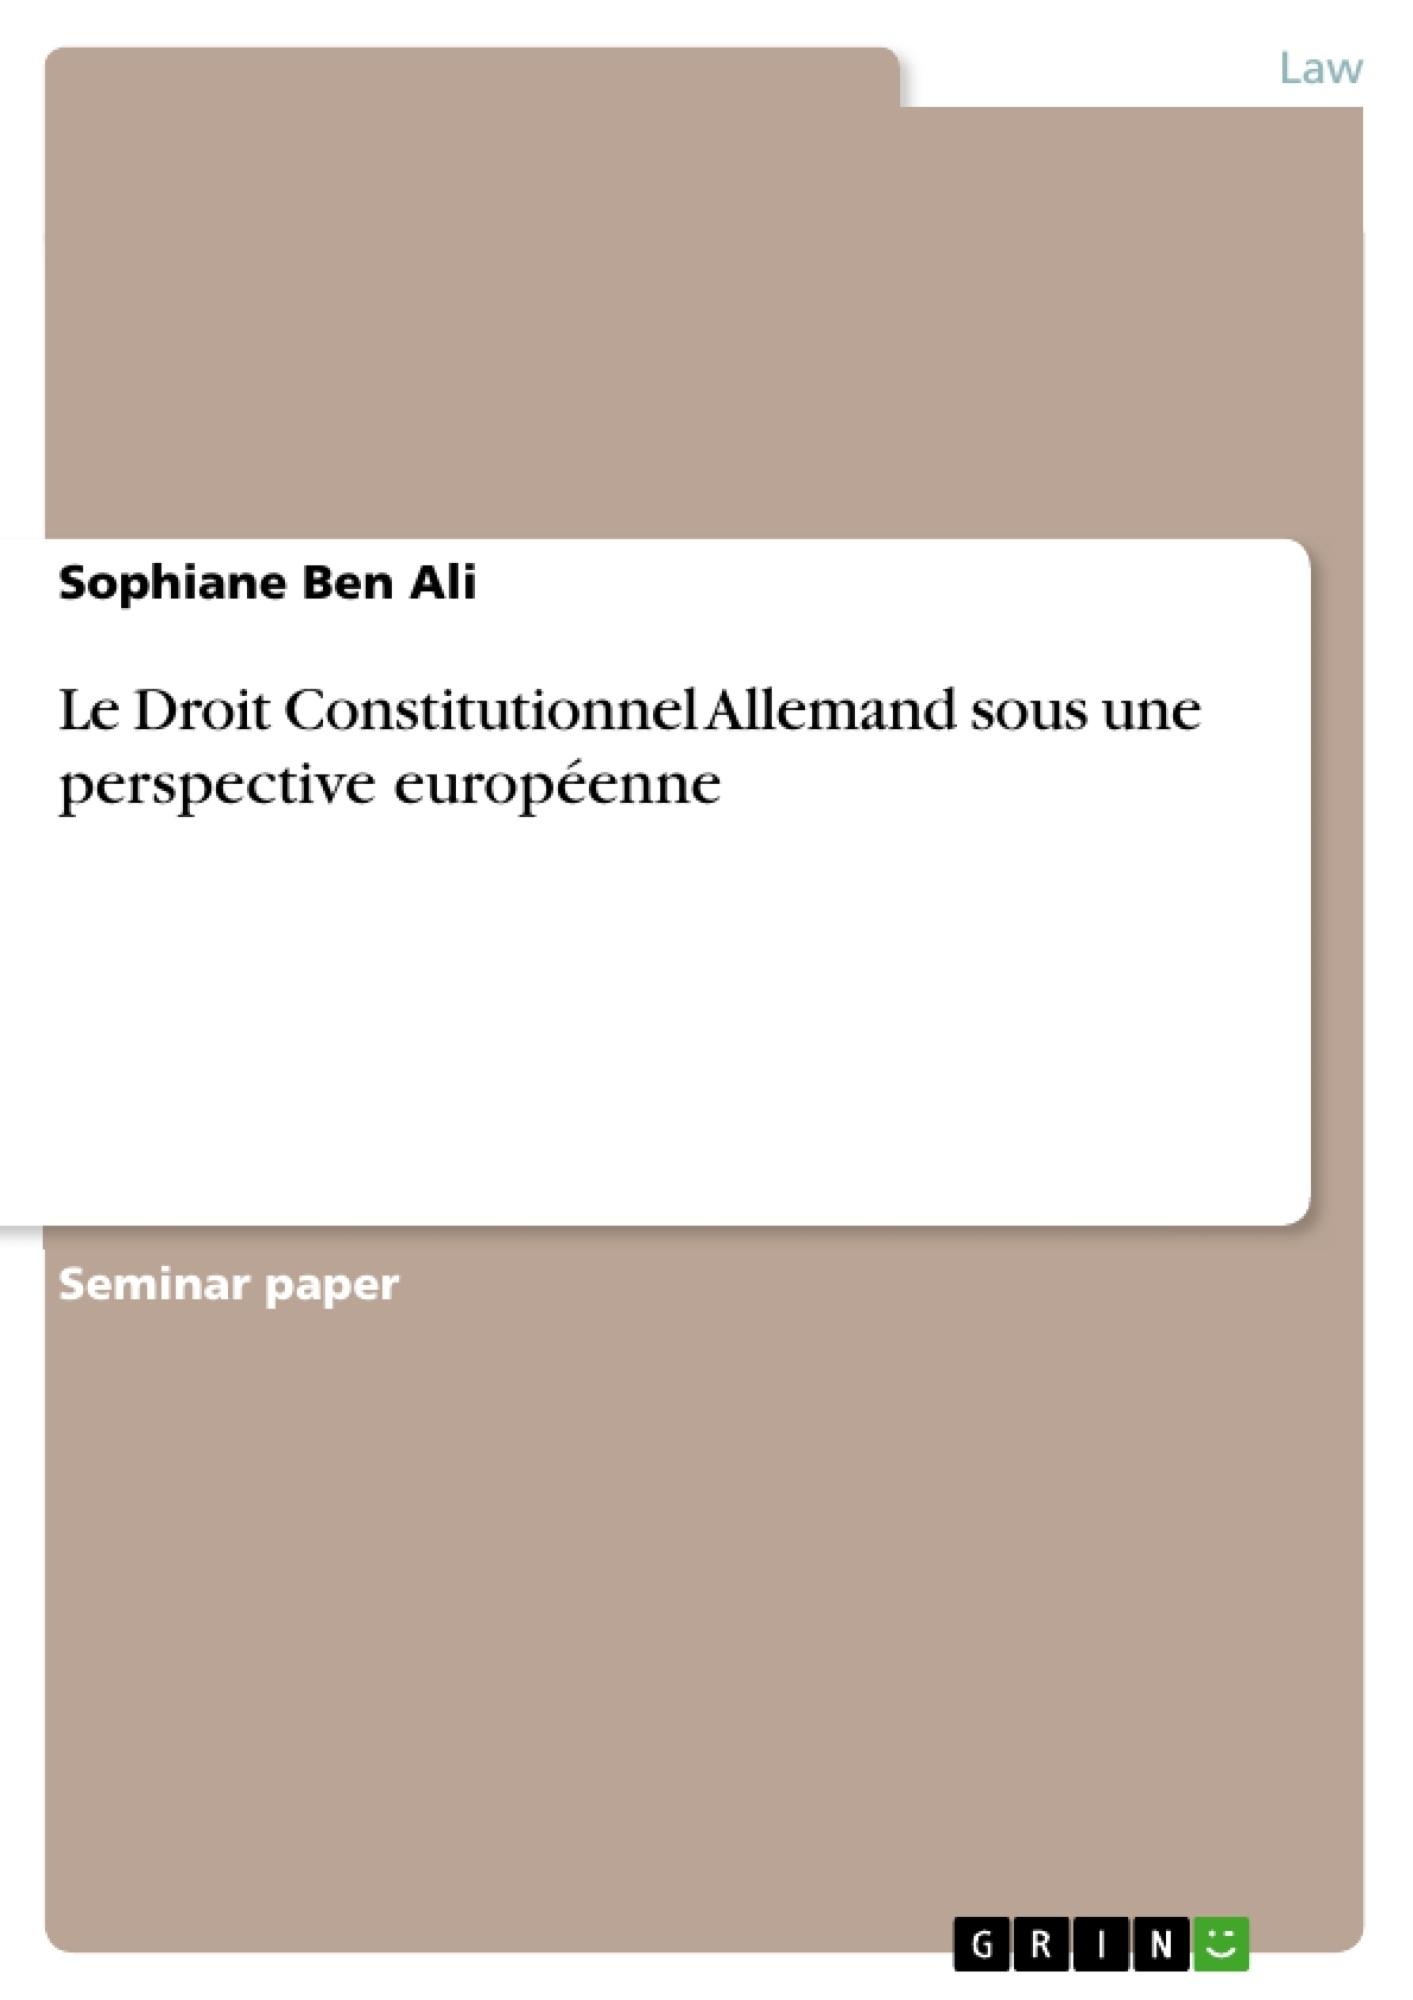 Titre: Le Droit Constitutionnel Allemand sous une perspective européenne